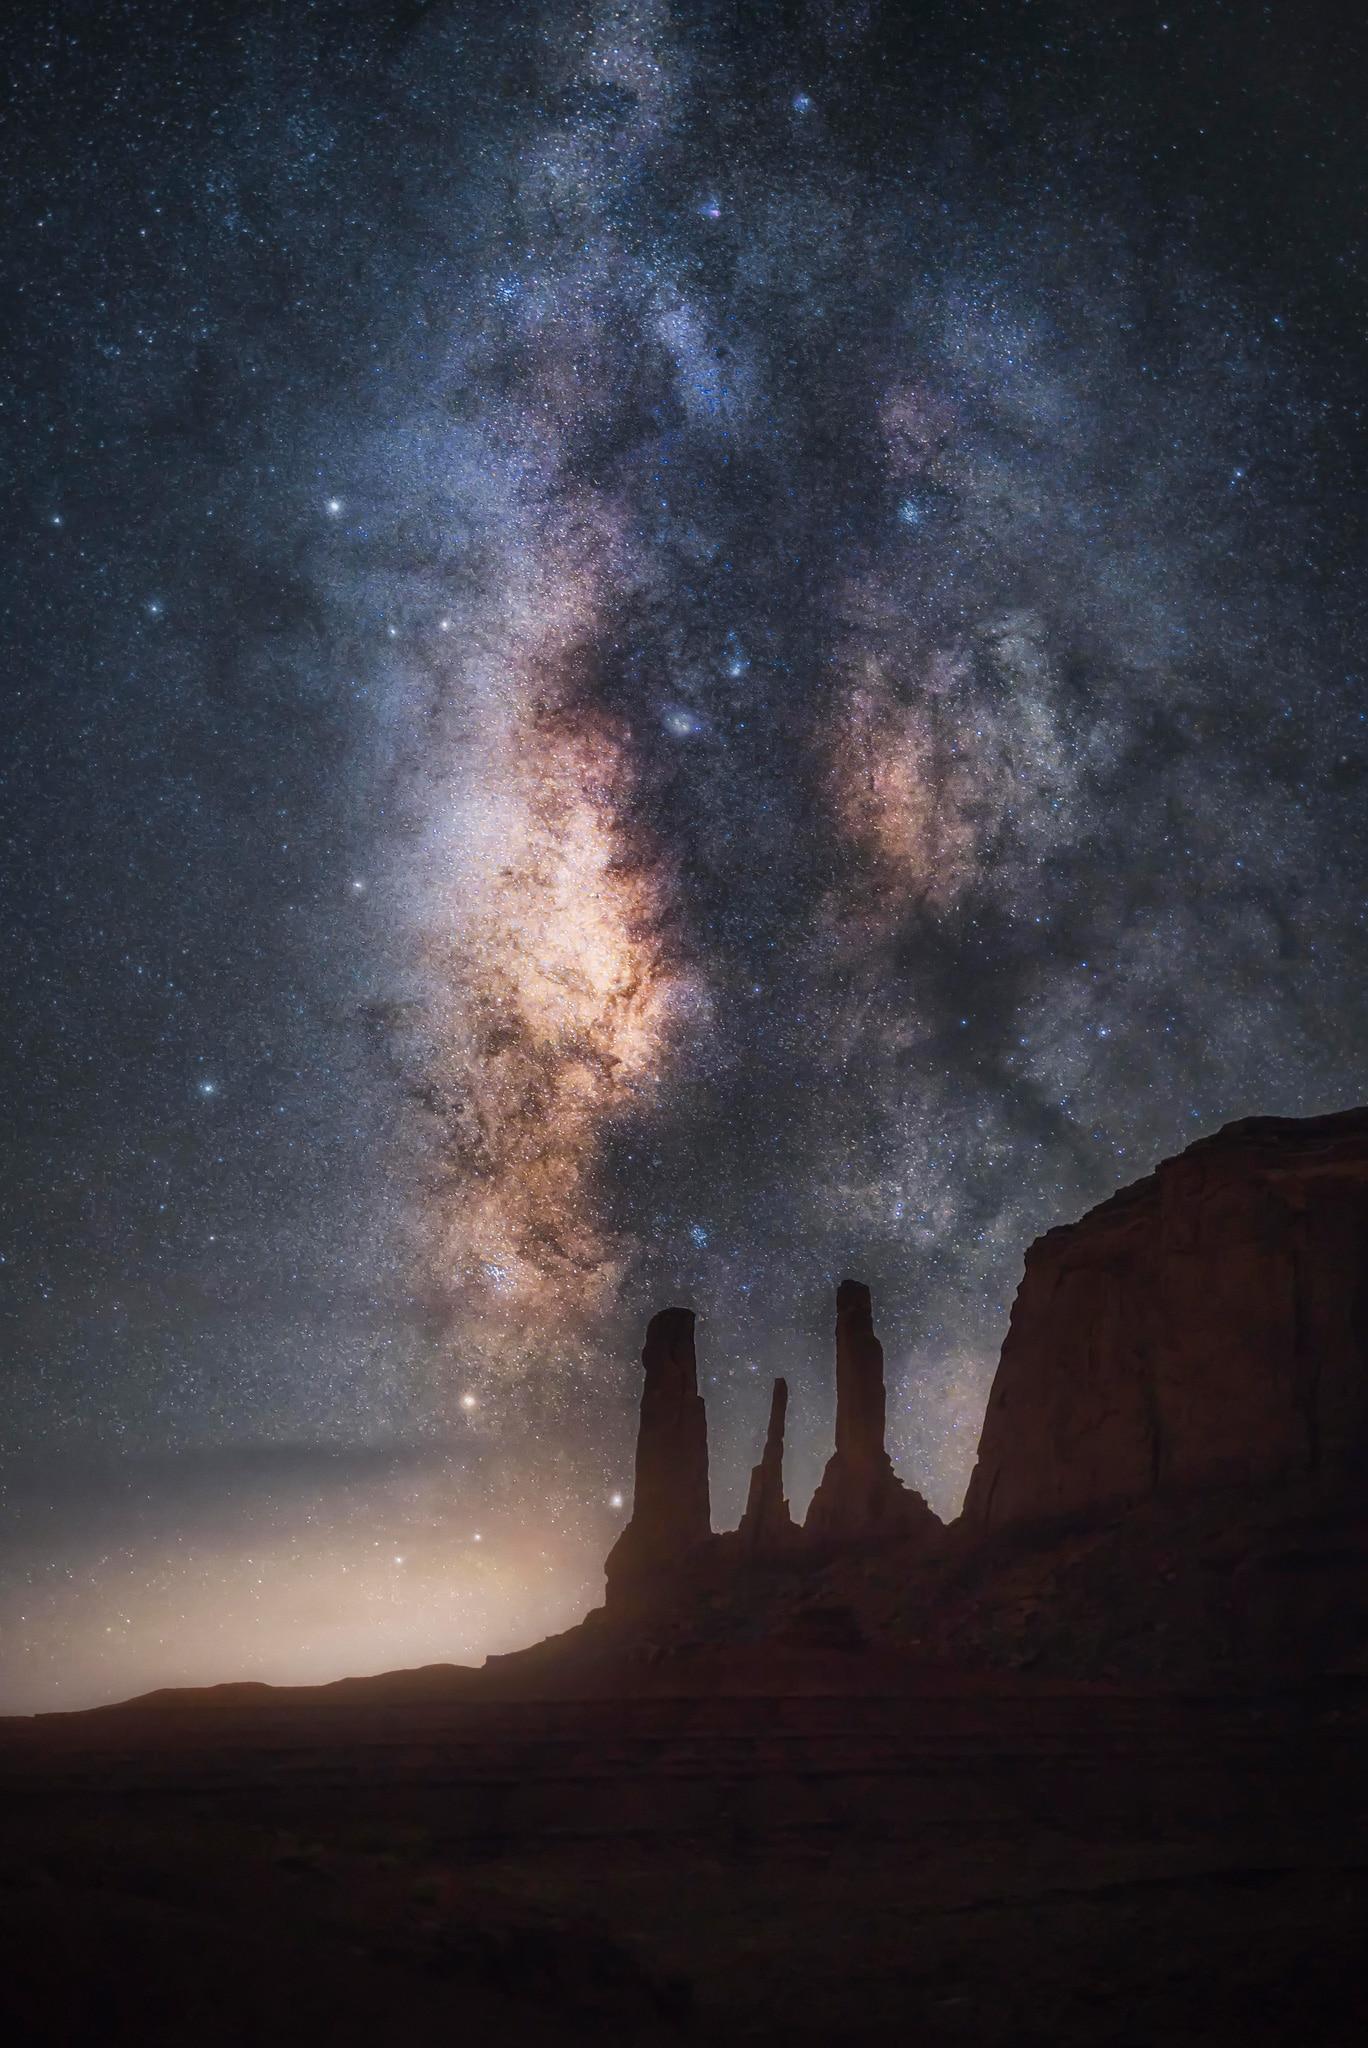 """Astrophotographie Monument Valley - Image illustrant l'article """"Astrophotographie : comment photographier les étoiles ?"""" - Apprendre la photo avec le blog La Photo clic par clic"""